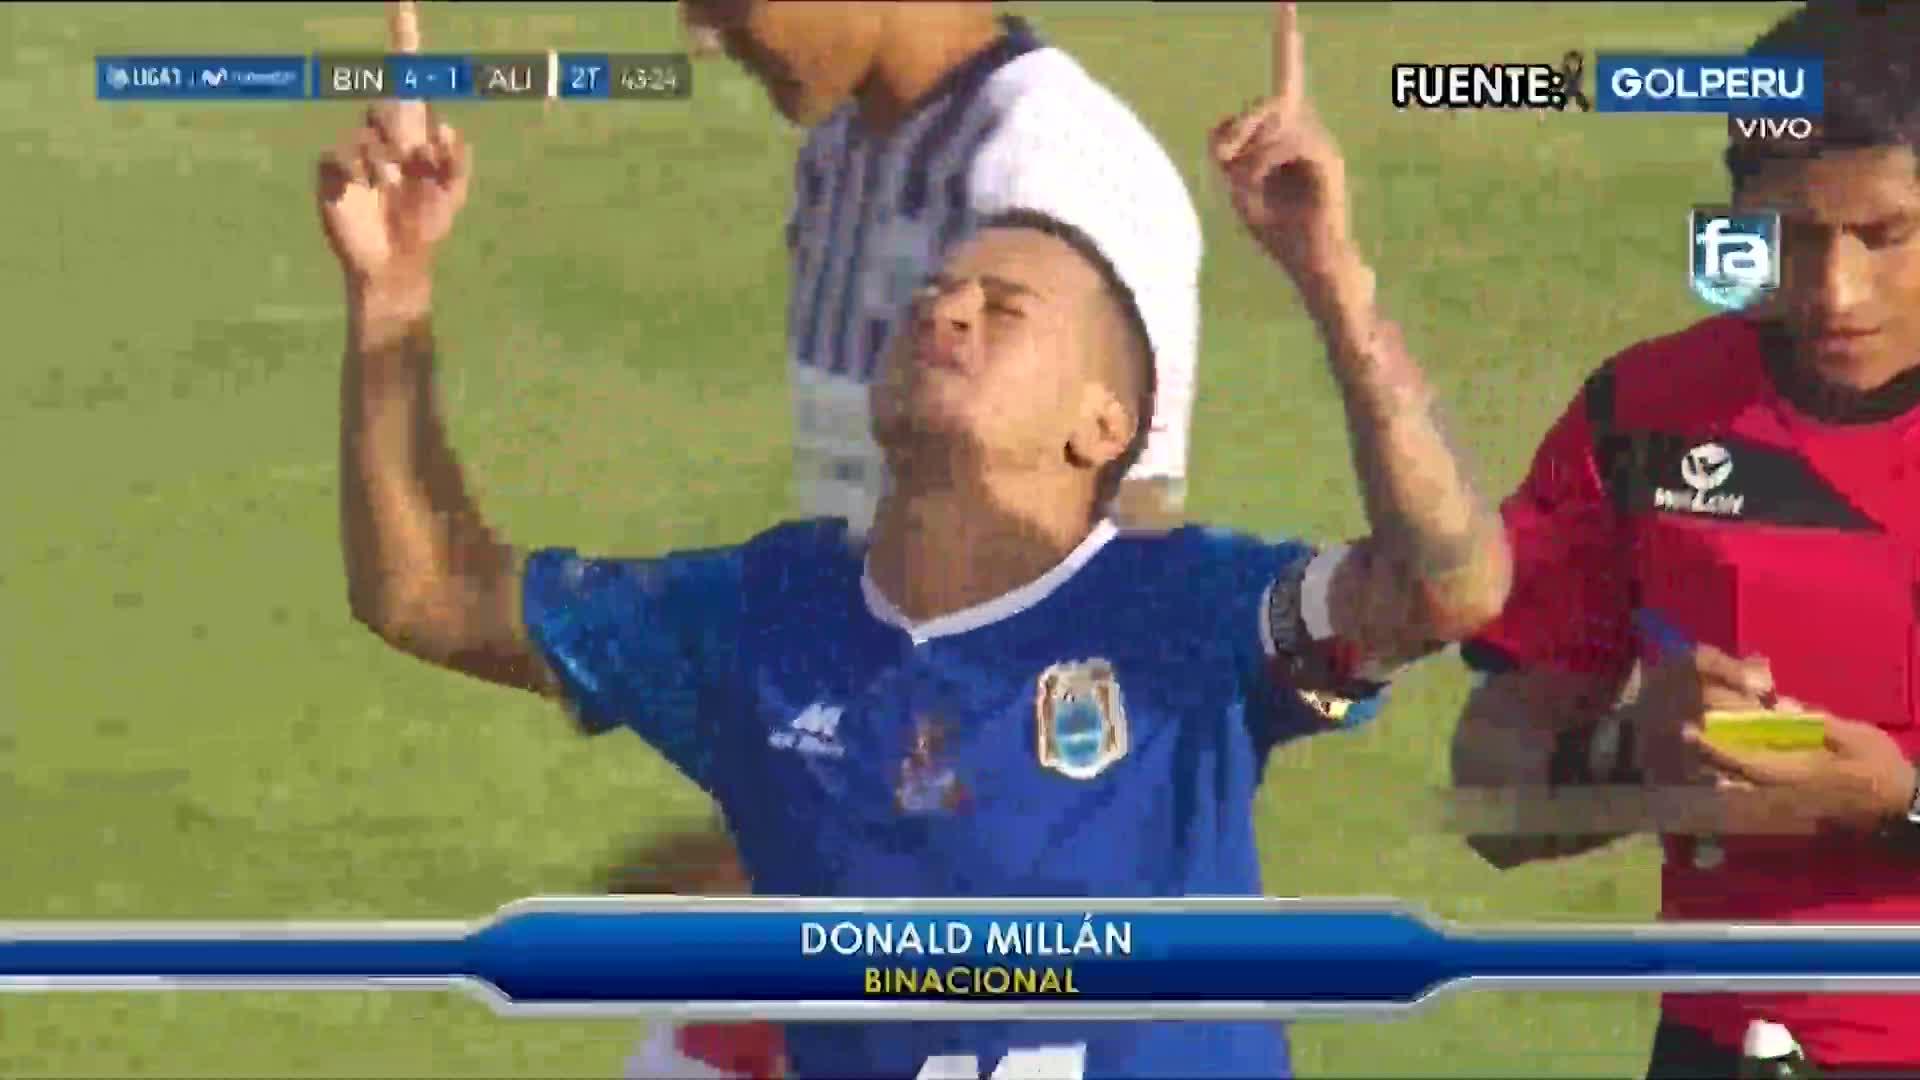 Resumen, resultado y goles de la primera final entre Binacional vs Alianza Lima